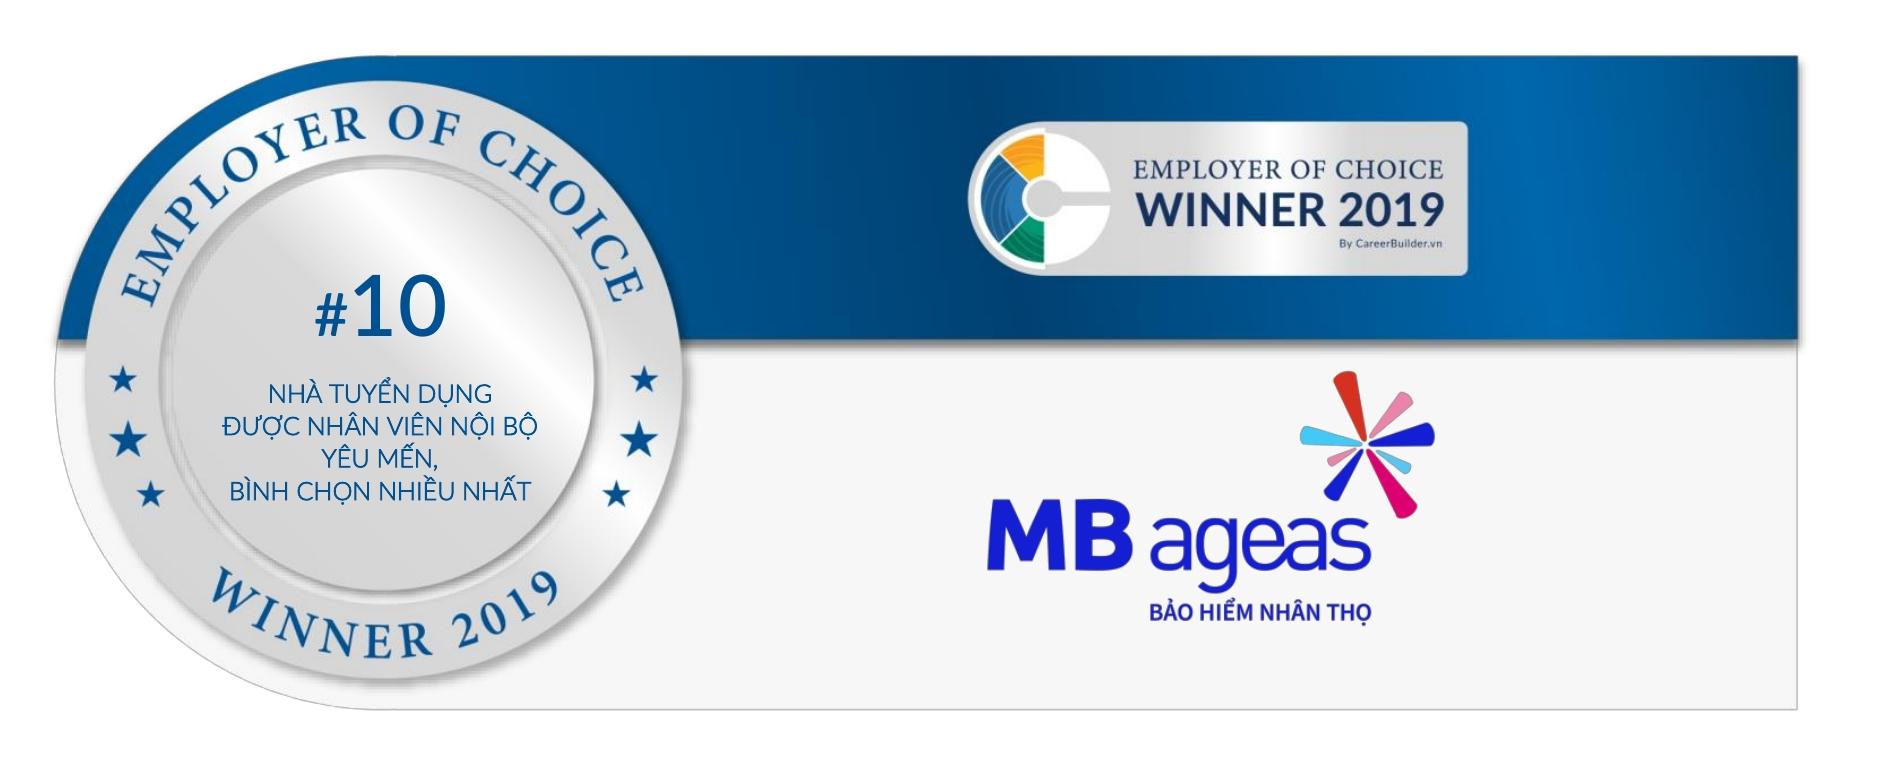 MB Ageas Life lọt vào Top 100 nhà tuyển dụng yêu thích tại Việt Nam